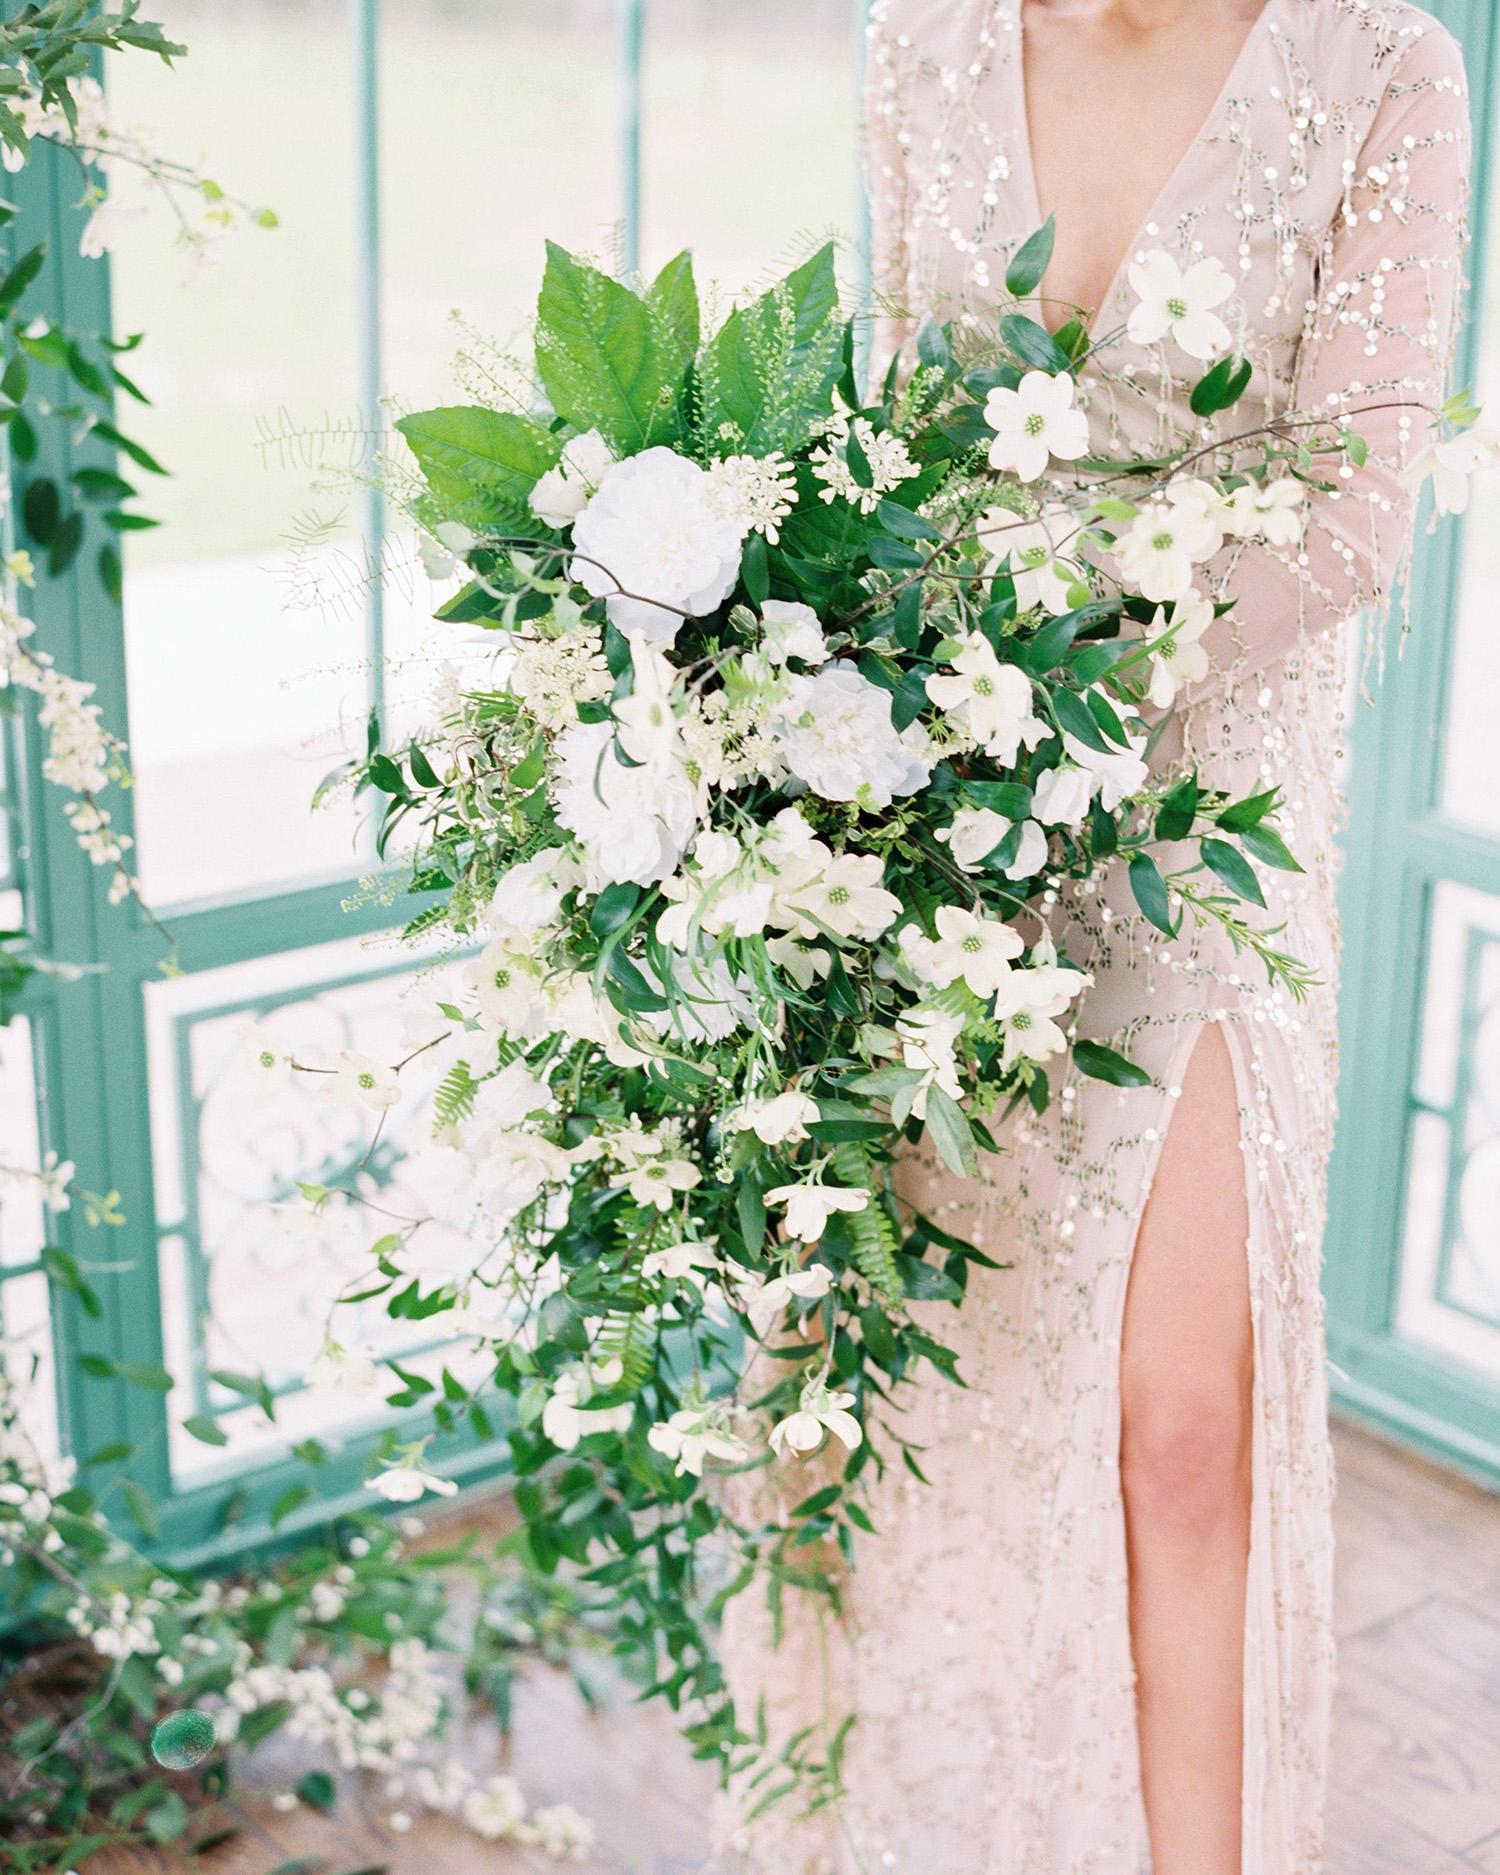 evan dustin vow renewal floral bouquet